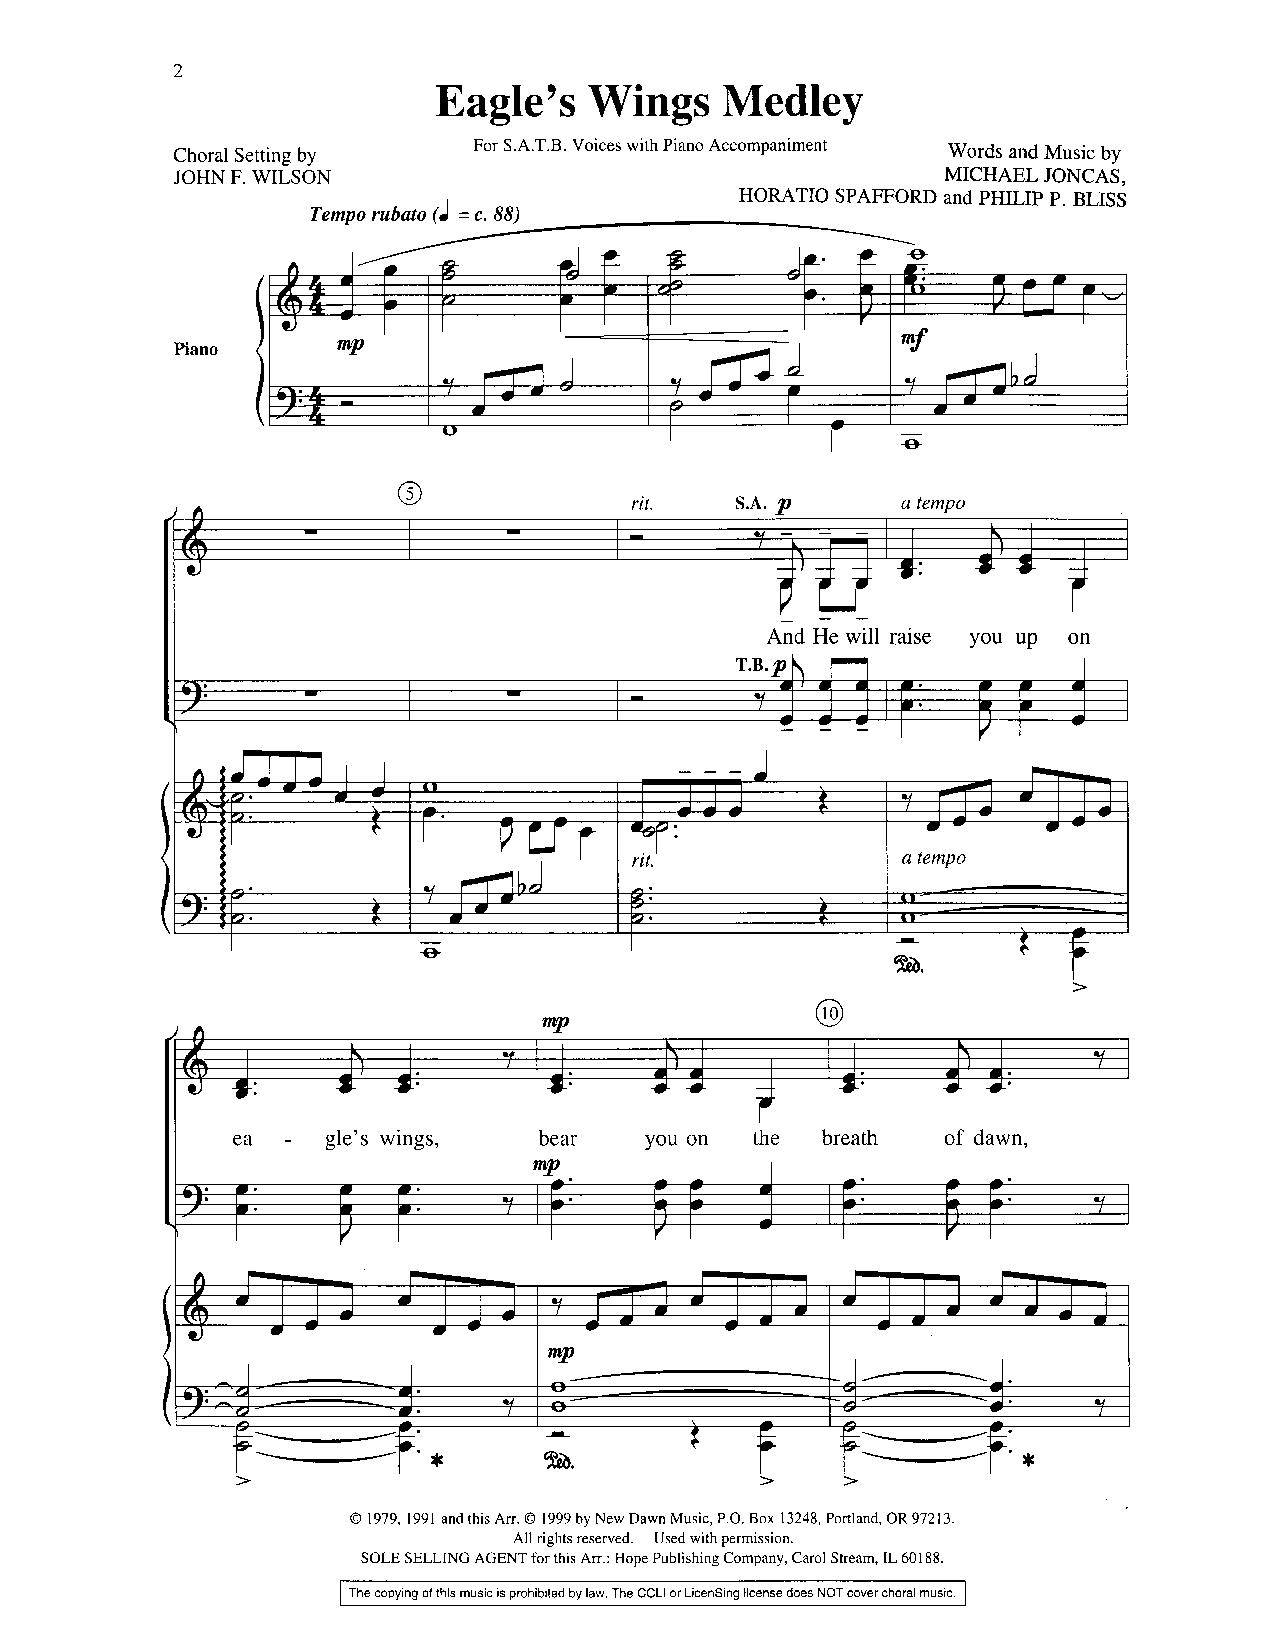 Eagles wings piano score eagle u0027s wings array eagles wings medley satb by wilson j j w pepper sheet music rh jwpepper com fandeluxe Gallery